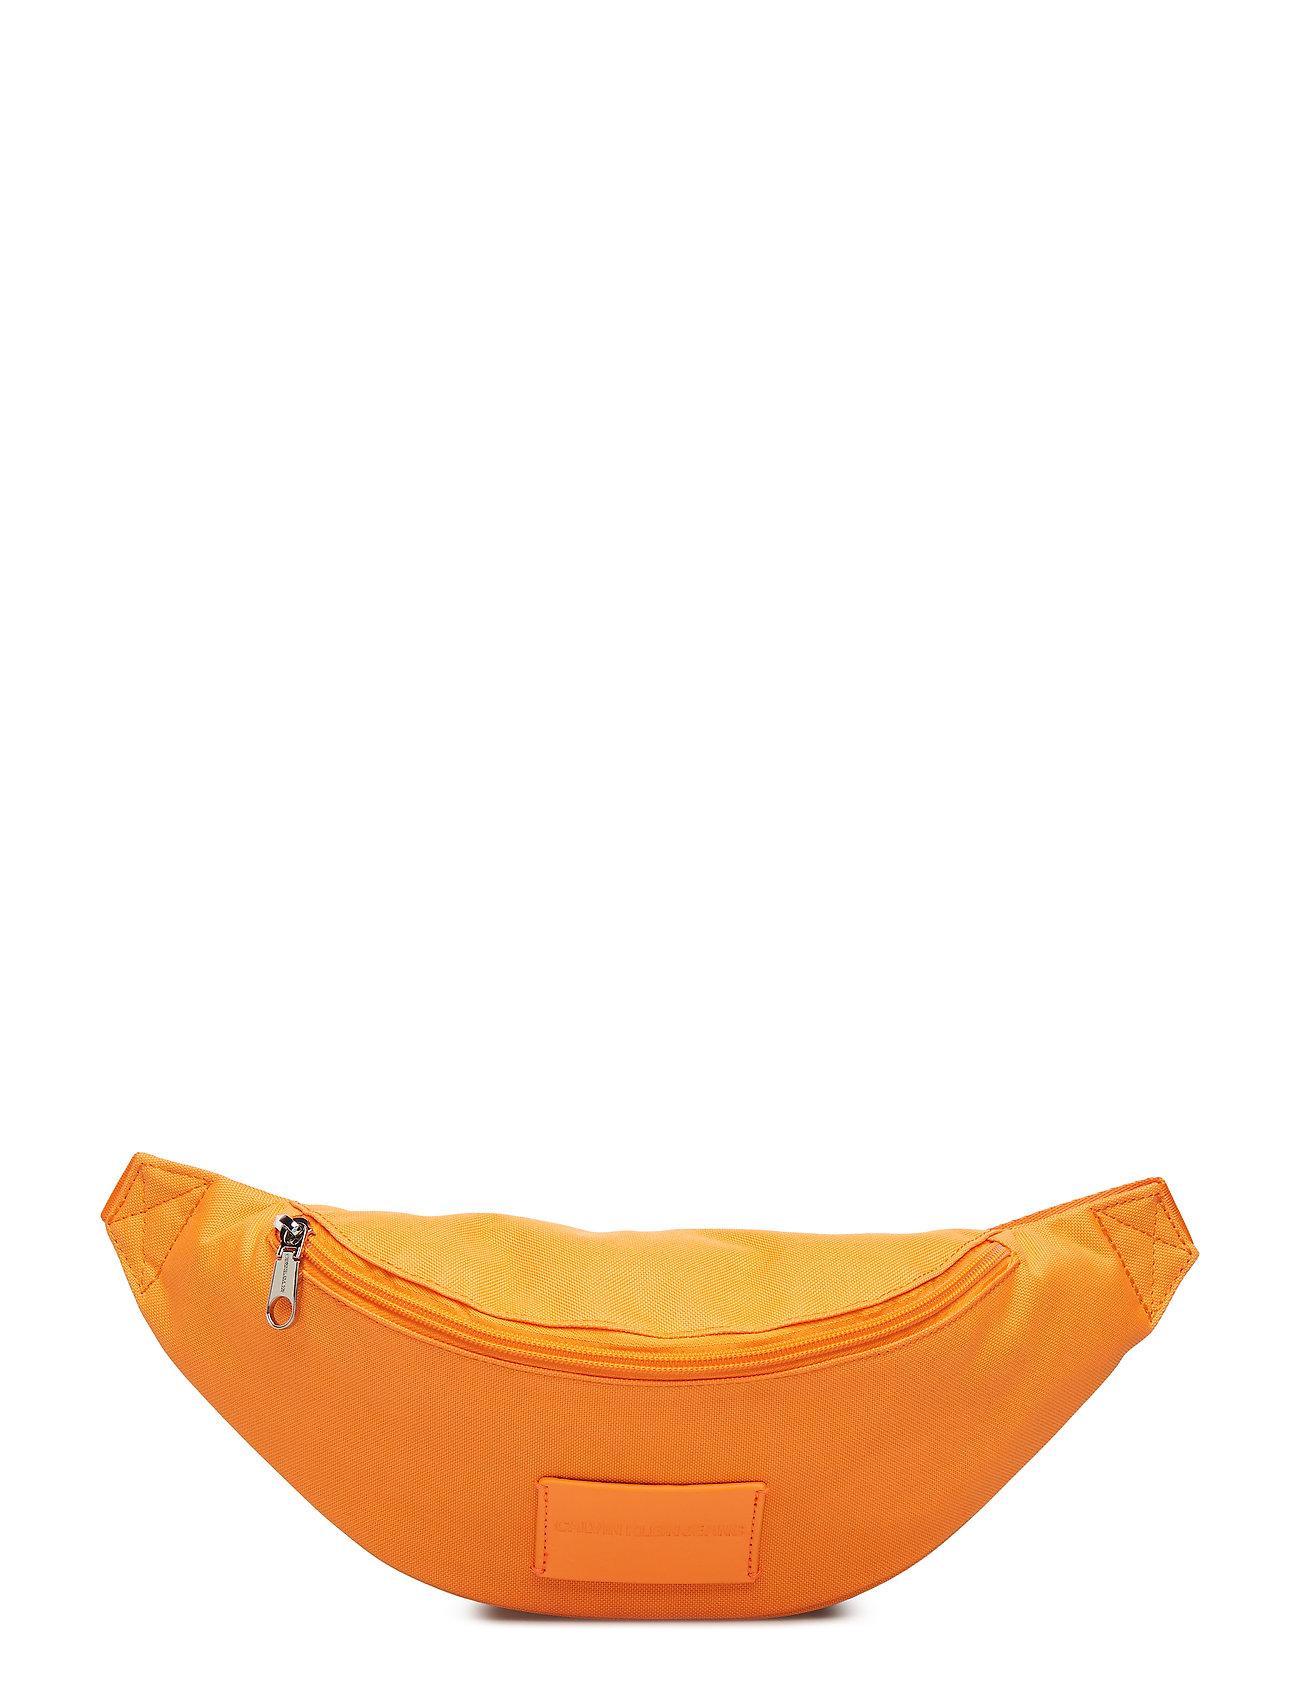 Calvin Klein SPORT ESSENTIALS NEW STREET PACK - ORANGE POPSICLE